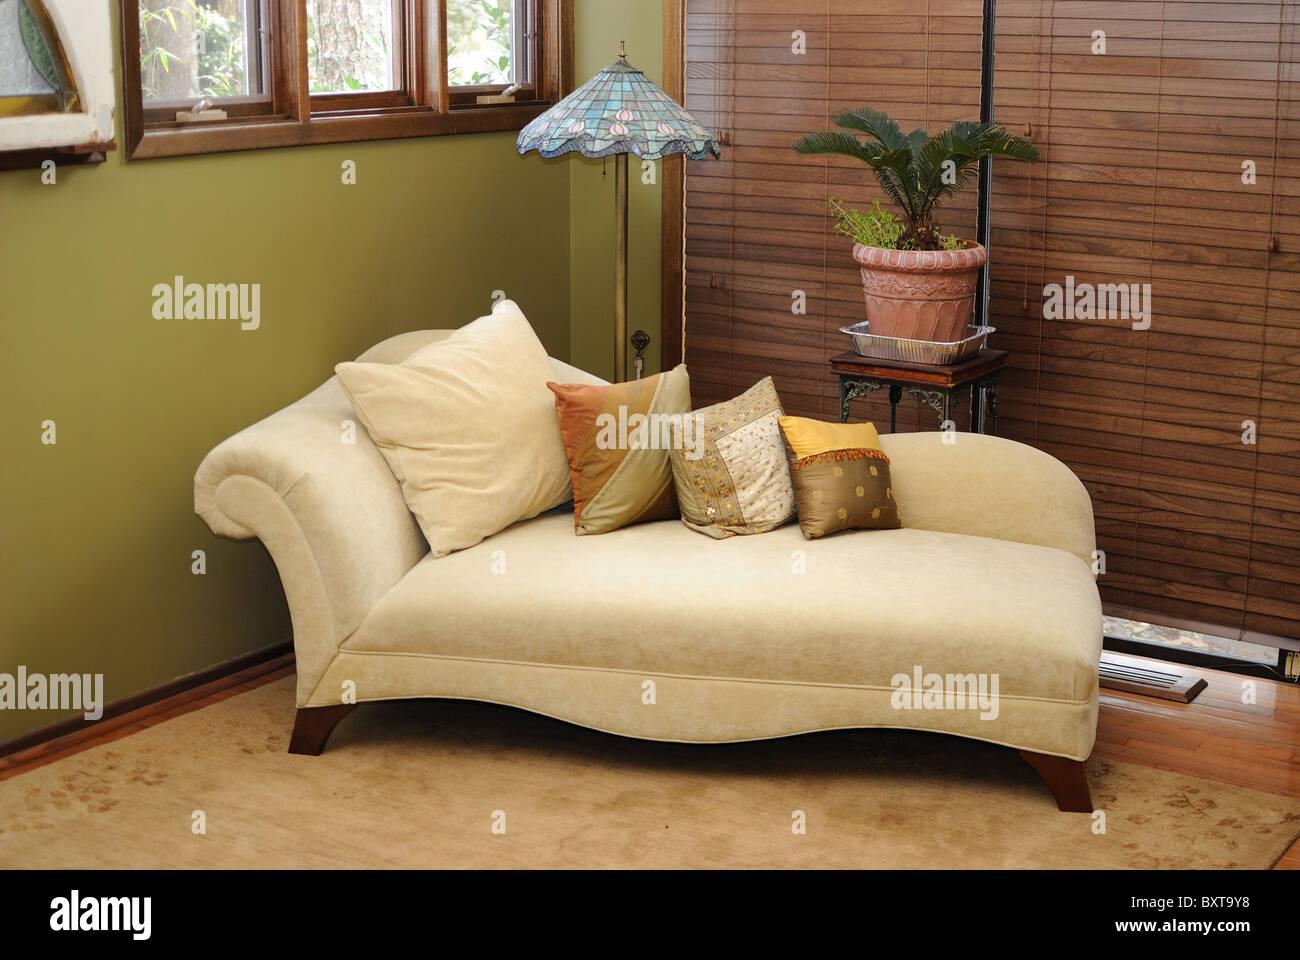 Plüsch Interieur-Lounge-Sessel in einem Heim. Stockbild